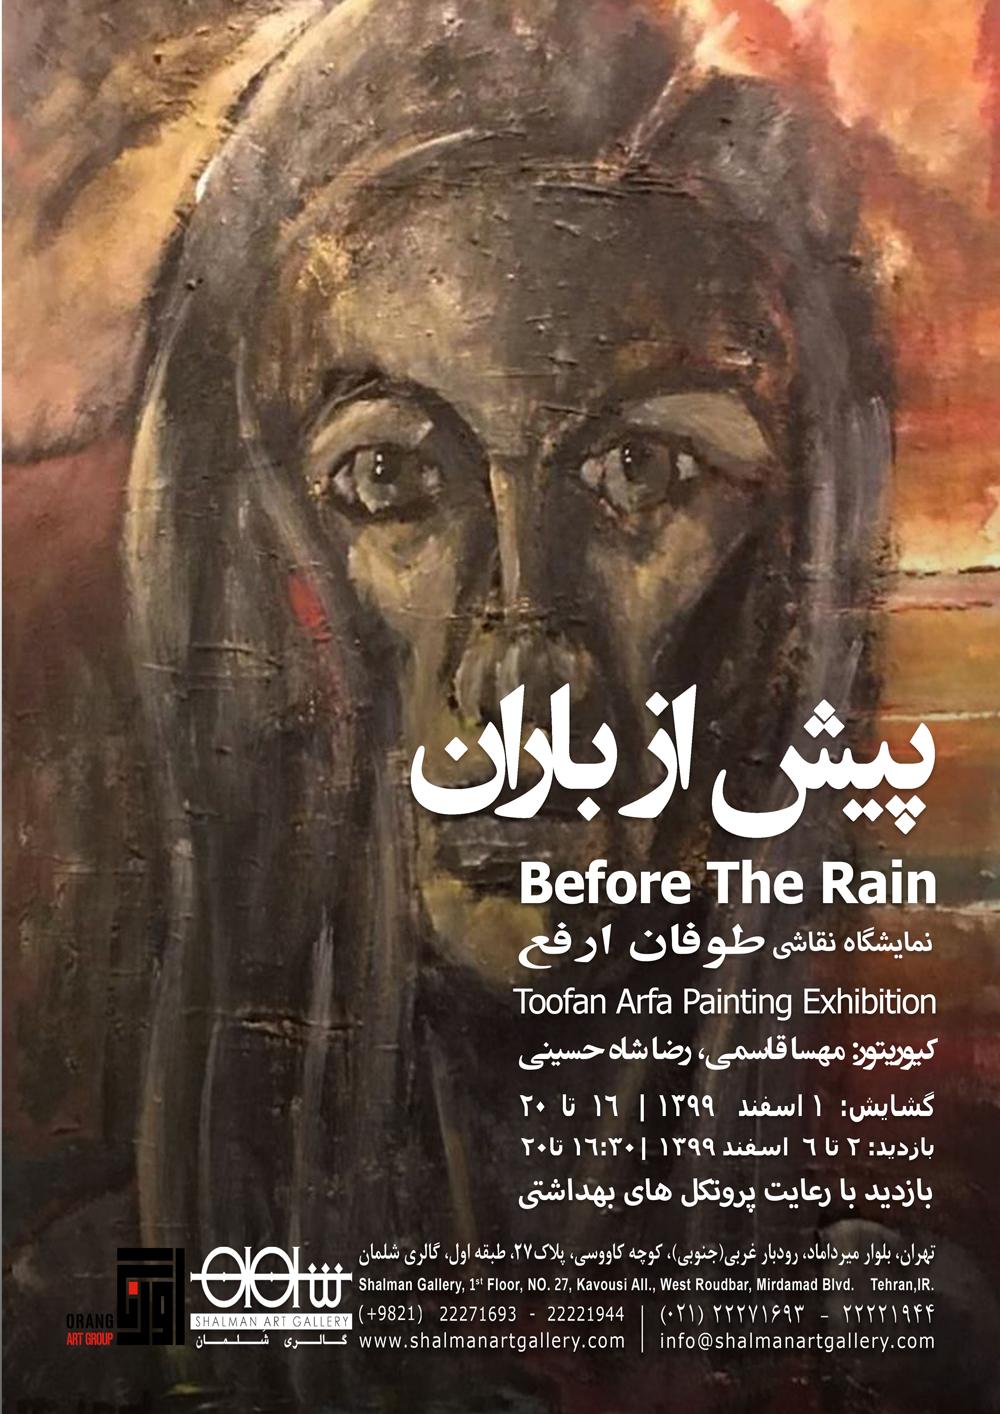 """""""پیش از باران""""؛ برپایی نمایشگاه نقاشی در گالری شلمان"""